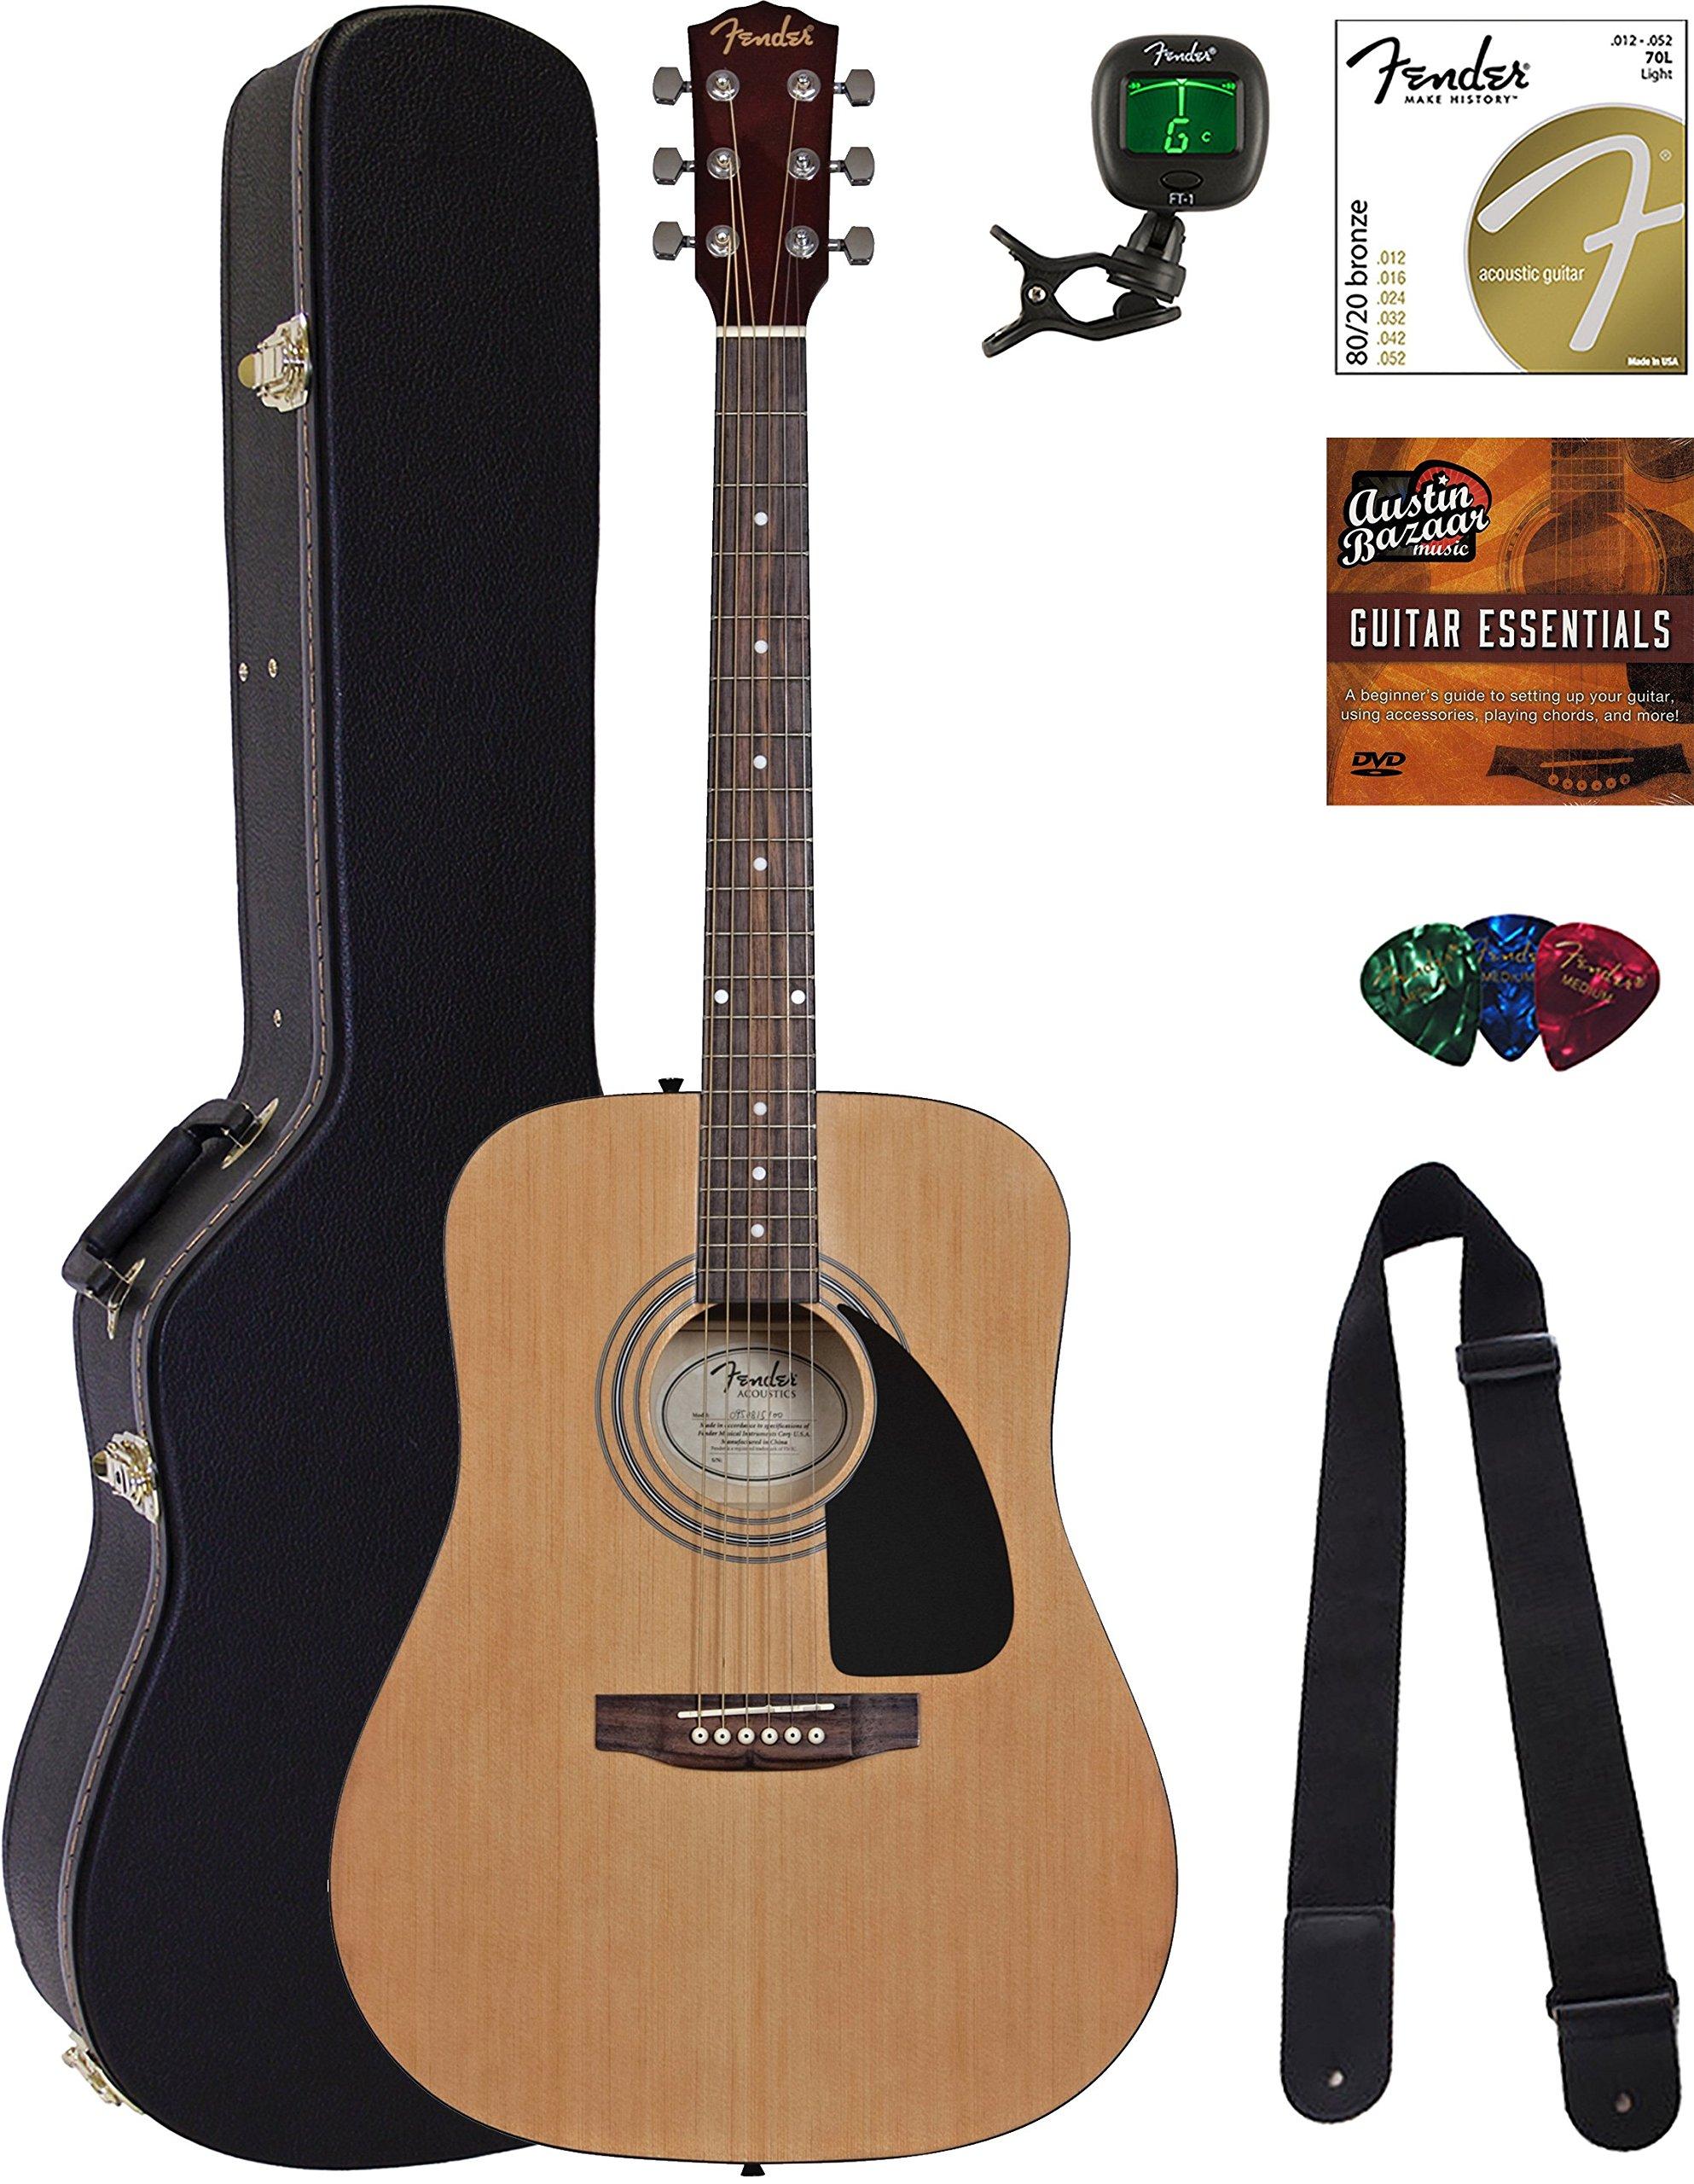 Rincon tenor ukulele | ukuleles.